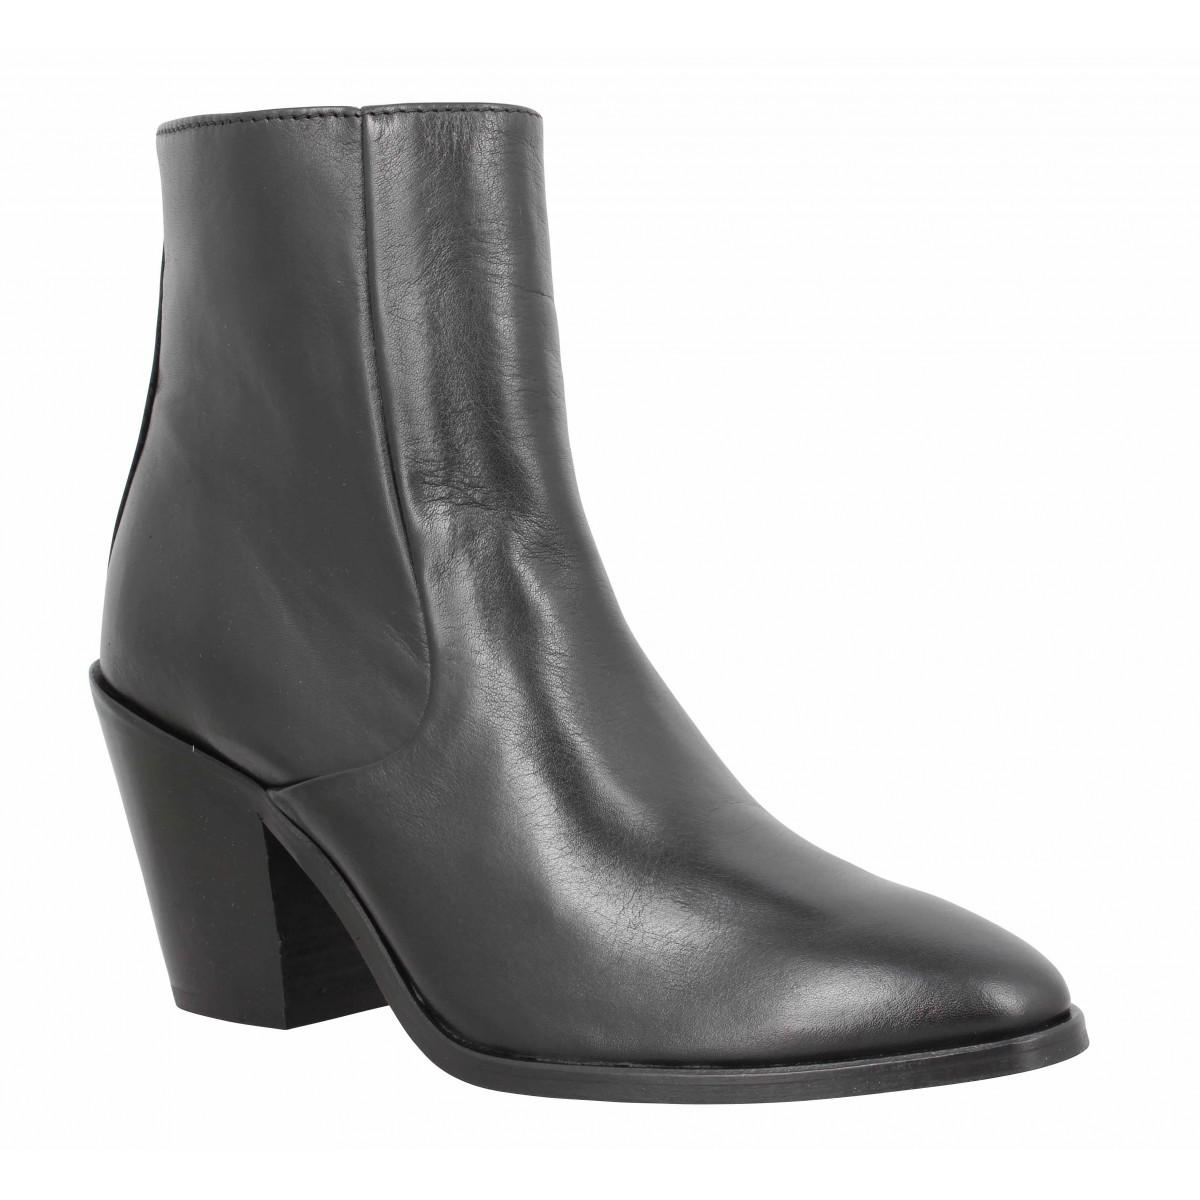 Bottines SCHMOOVE Diva Boots cuir Femme Noir